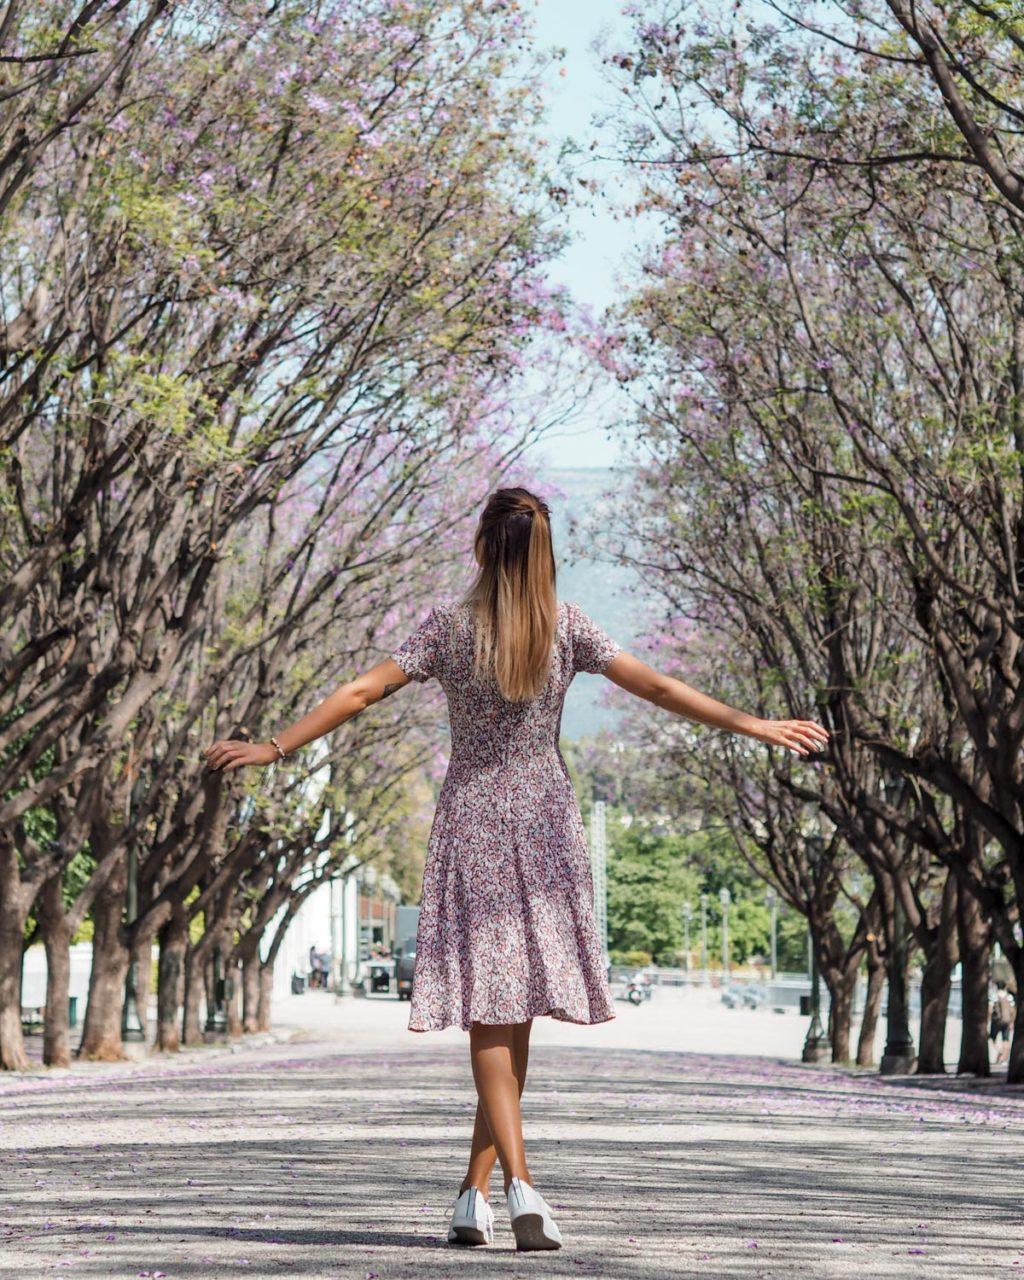 Anoreksi eller almindeligt vægttab? Kan en tidligere anorektiker tabe sig på en sund måde?